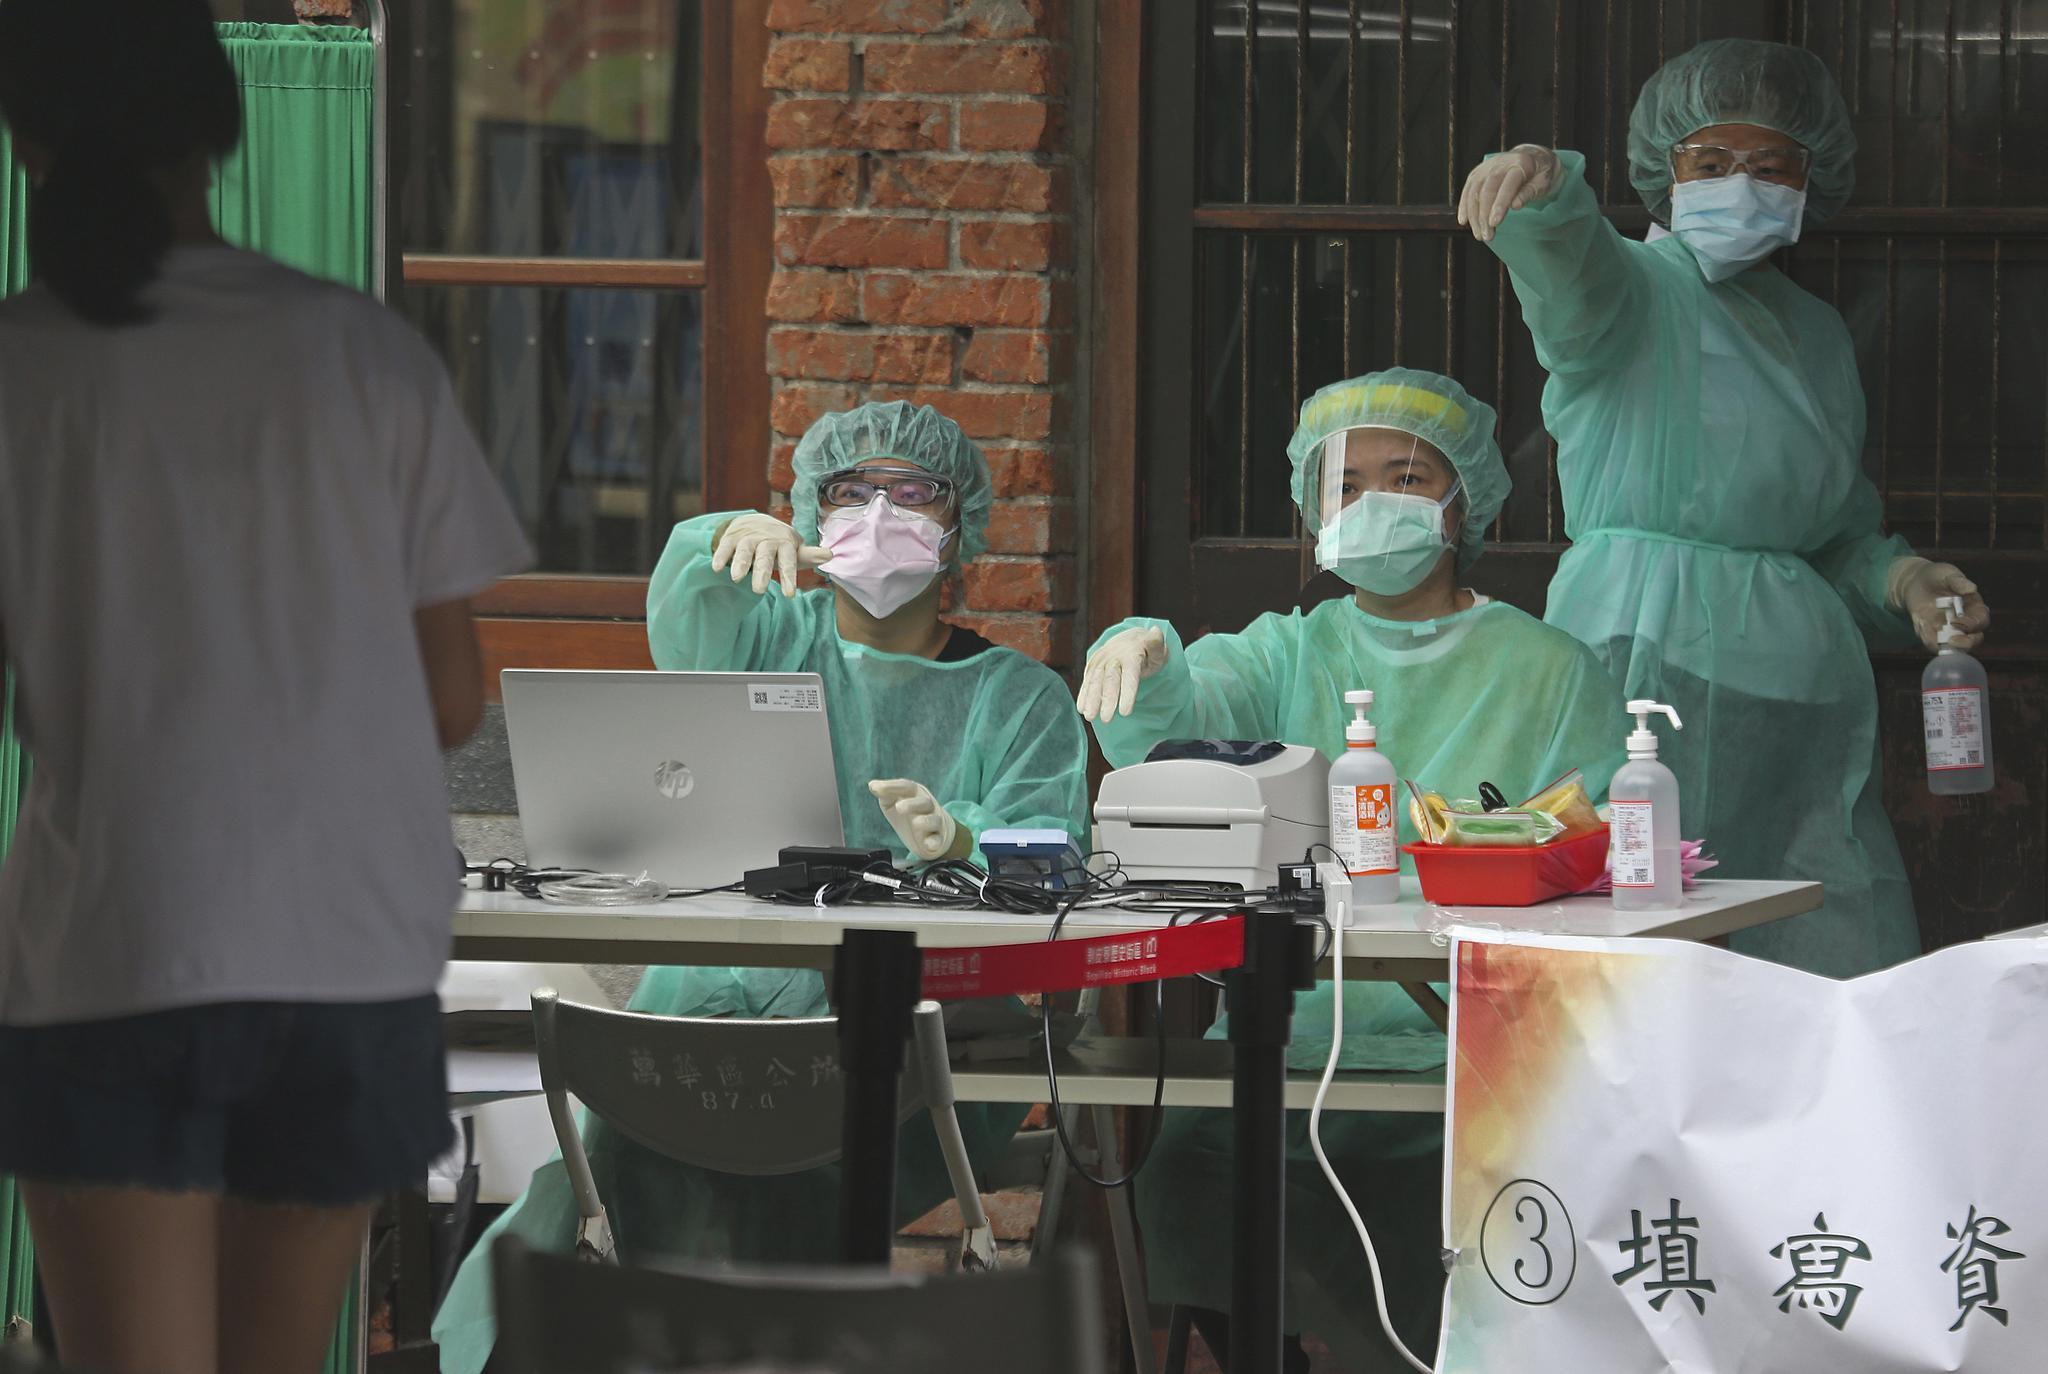 台湾疫情5月26日最新消息情况通报 台湾新增302例本土病例